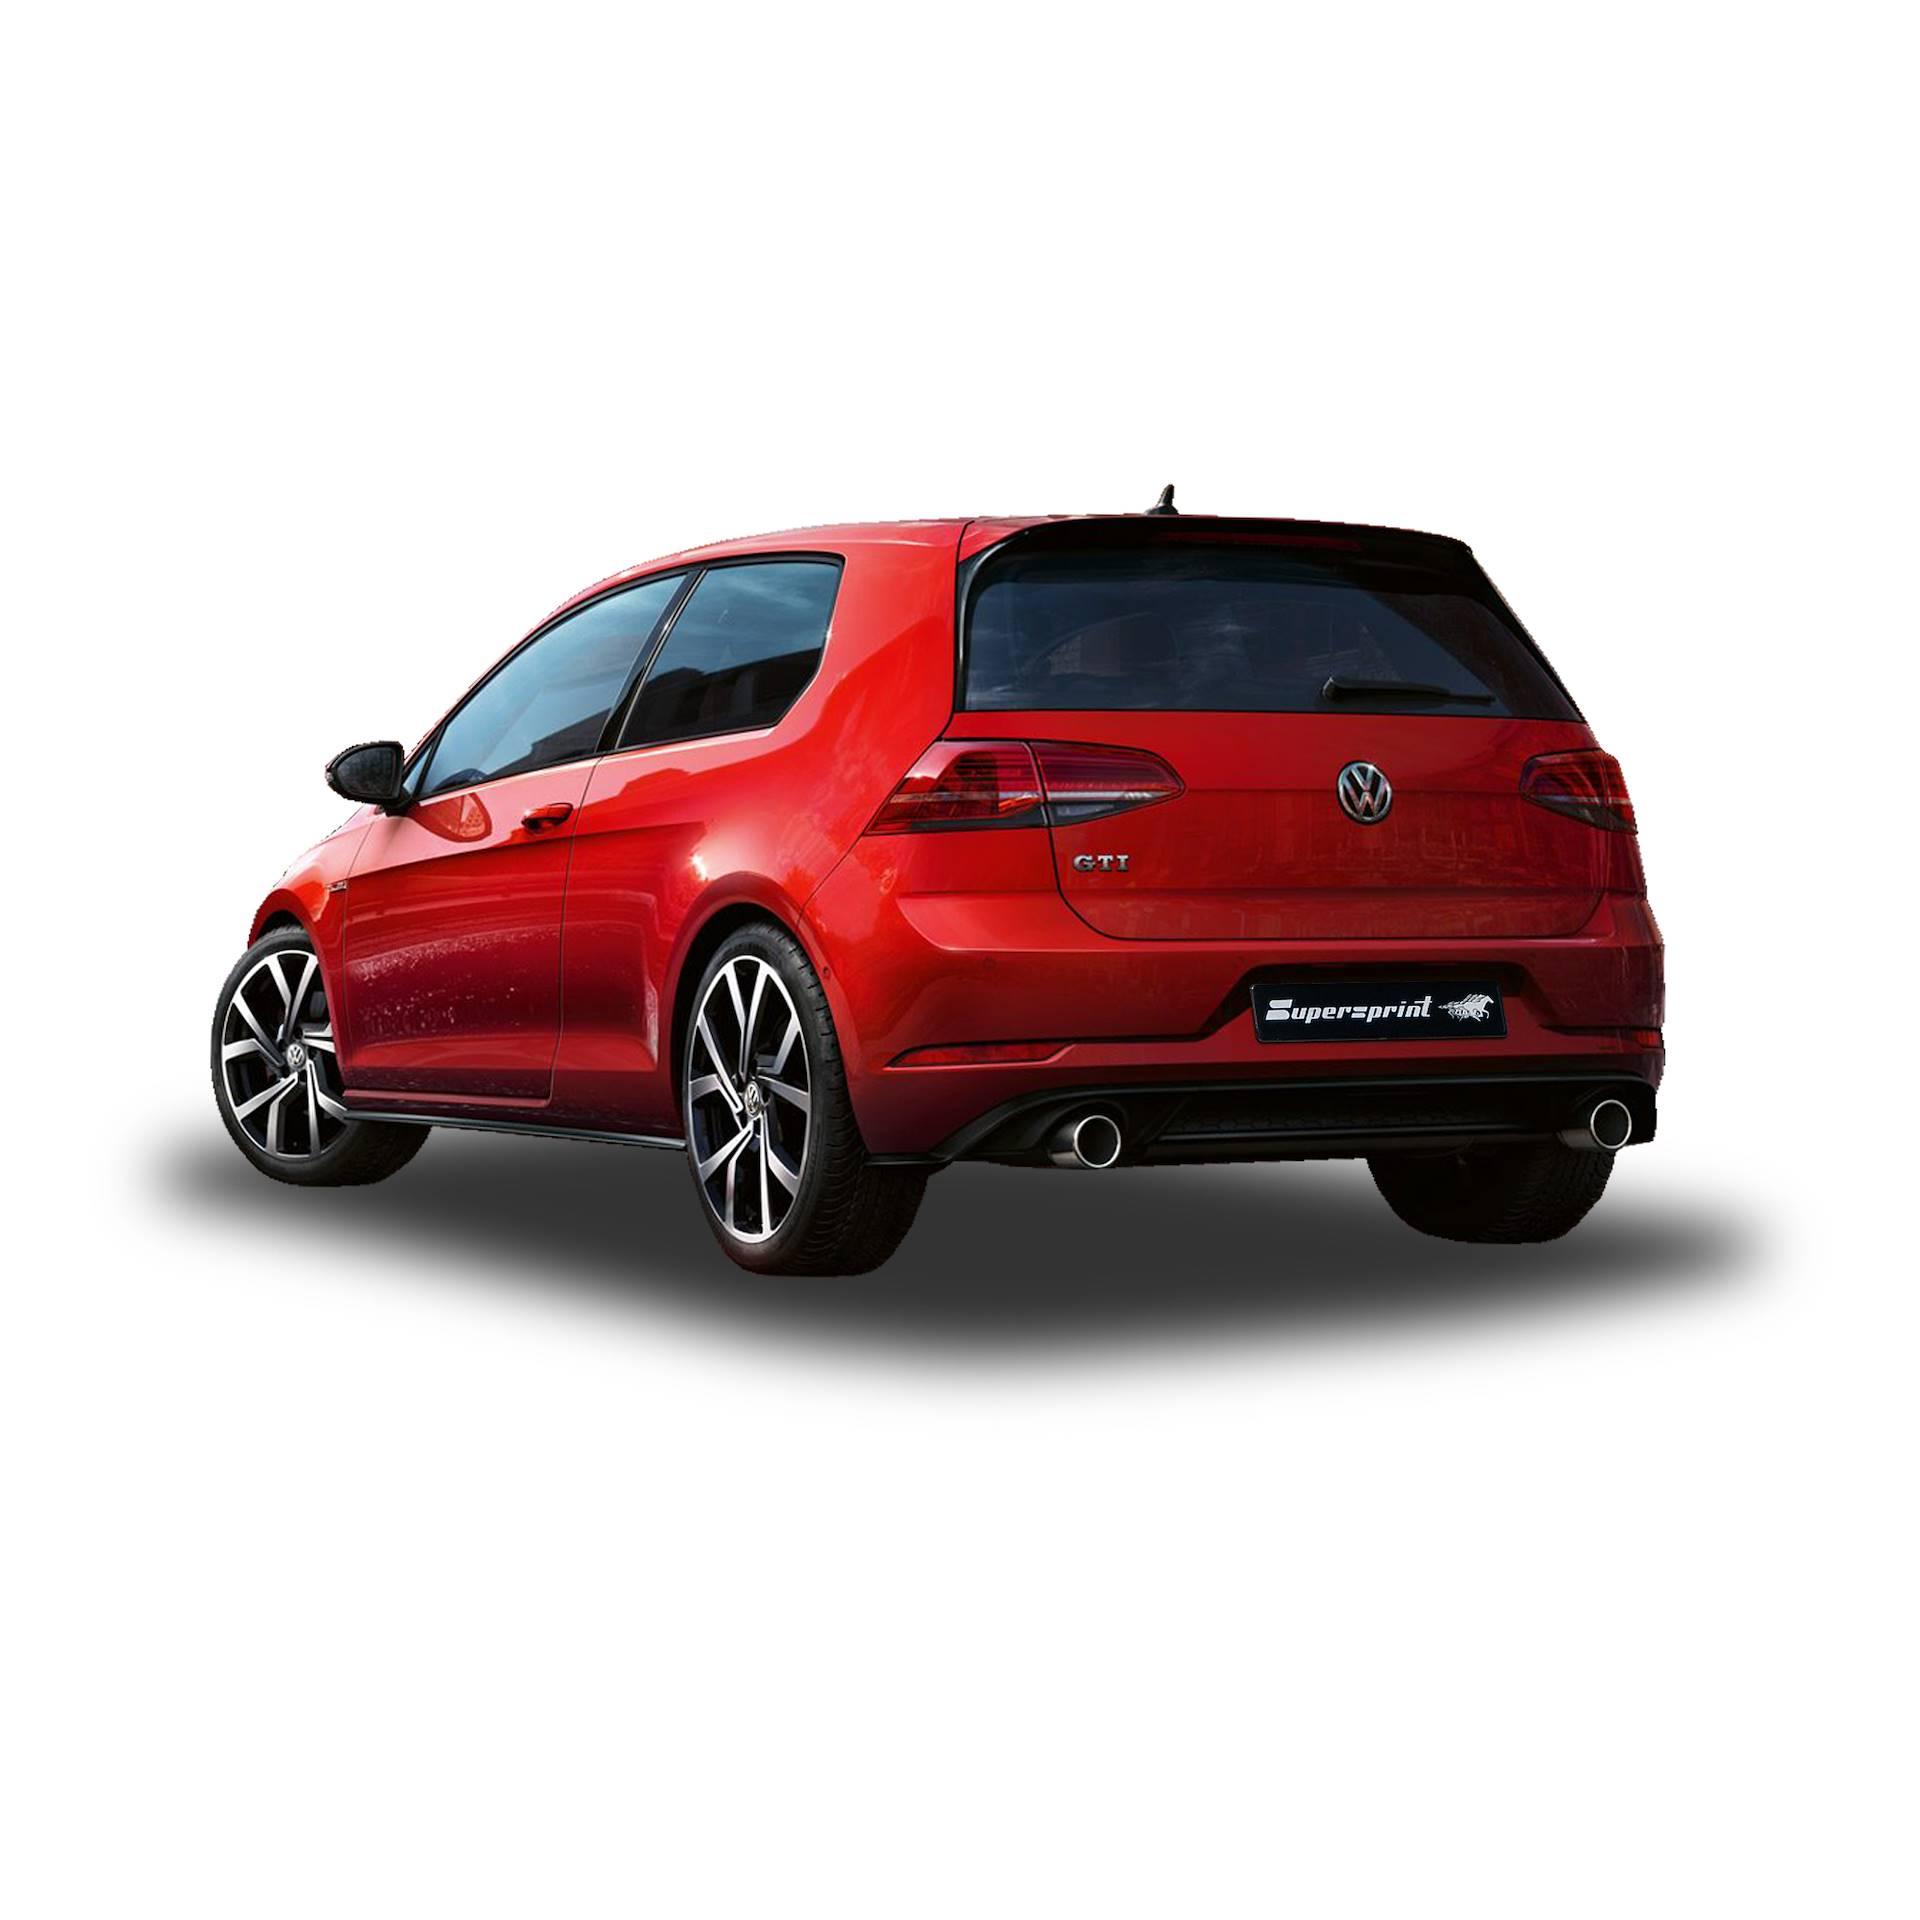 Supersprint Downpipes og udstødning til VW Golf 7 GTI 245 HK